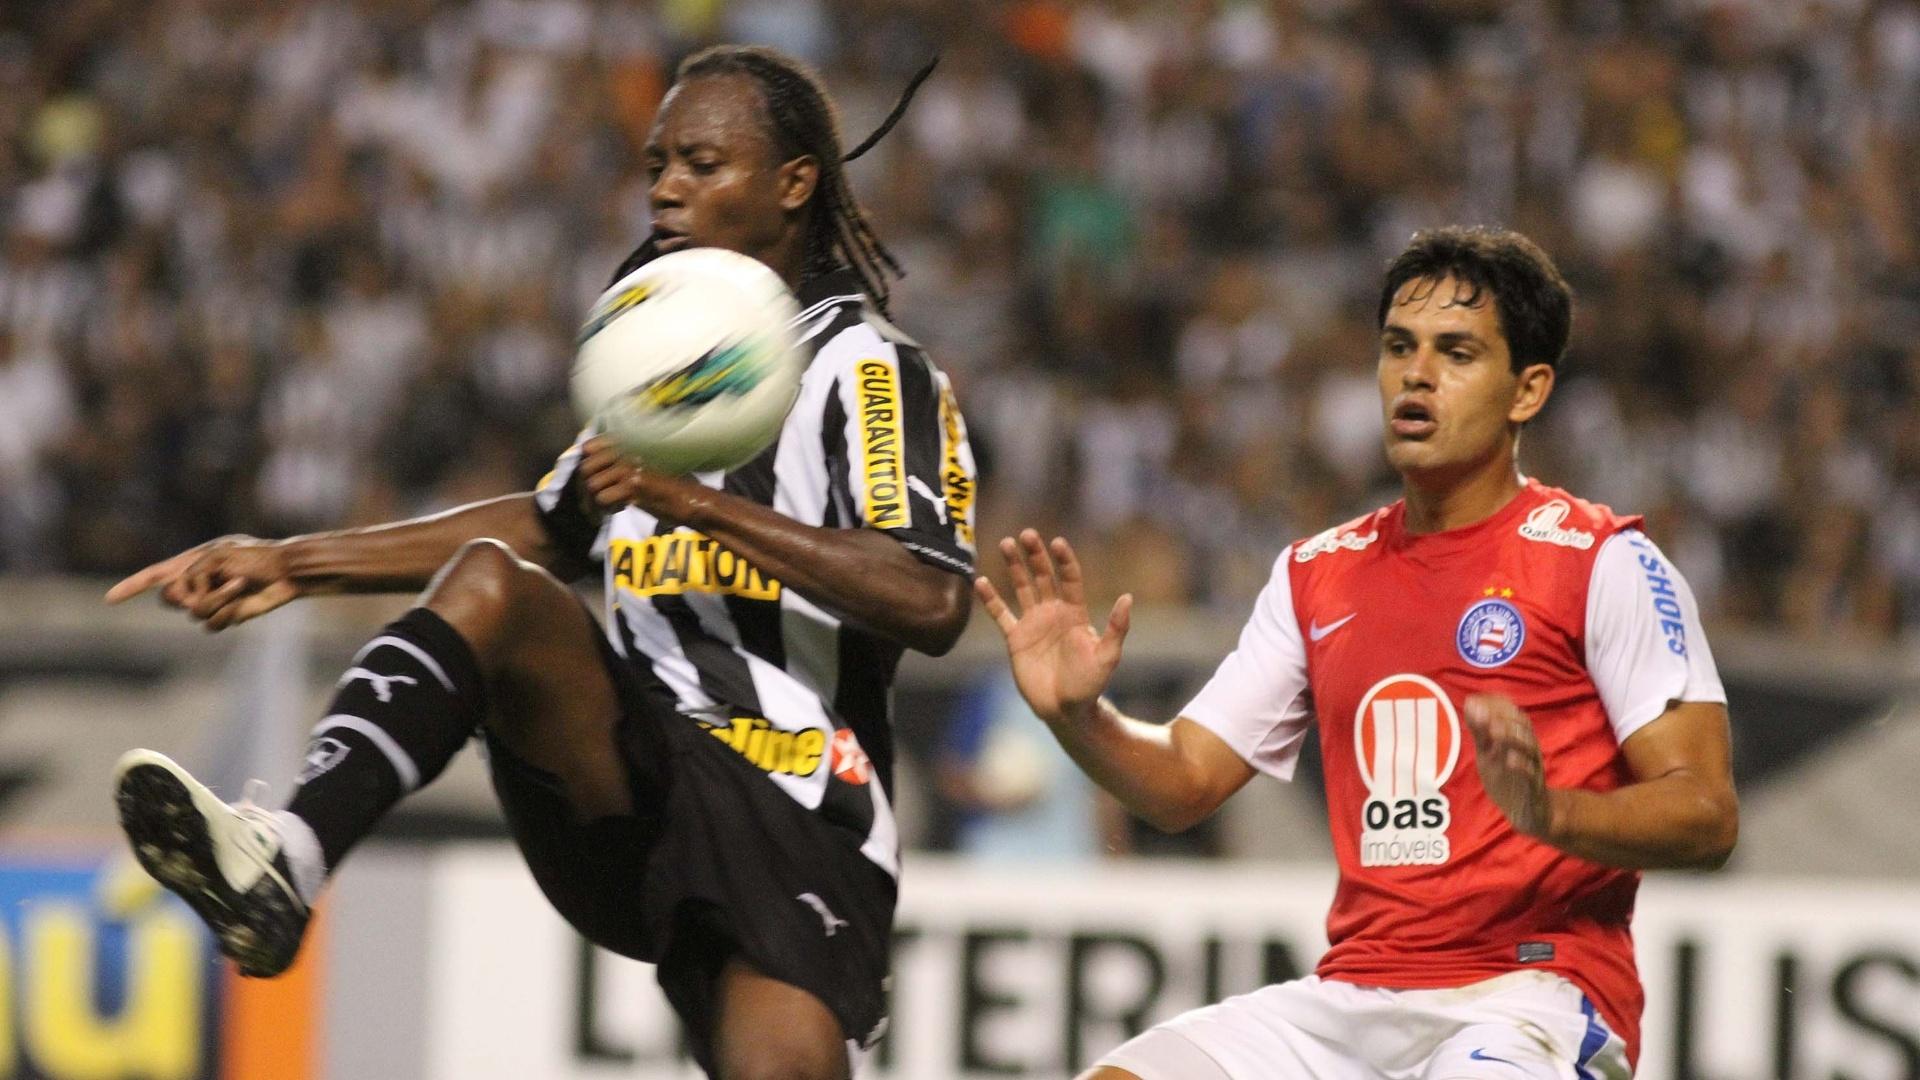 Andrezinho, do Botafogo, domina a bola no primeiro tempo, marcado por Fahel, do Bahia